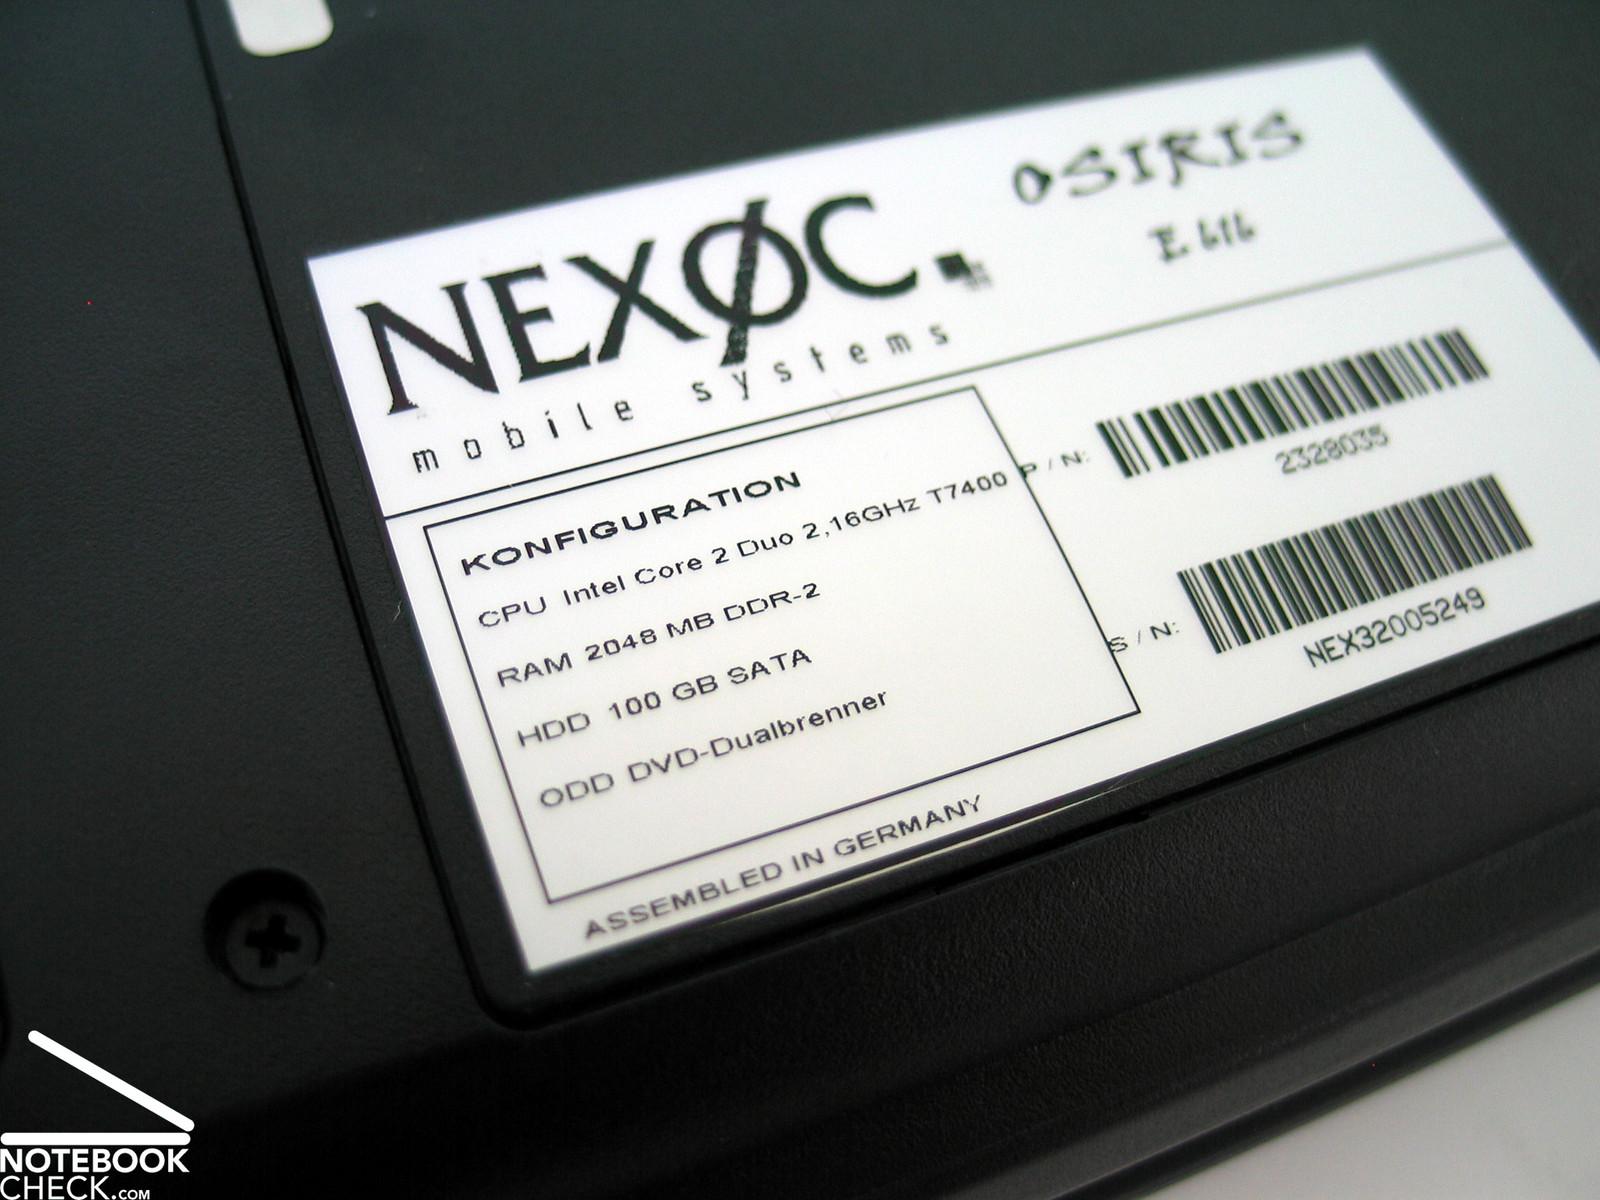 Test Nexoc Osiris E616 Notebook - Notebookcheck.com Tests